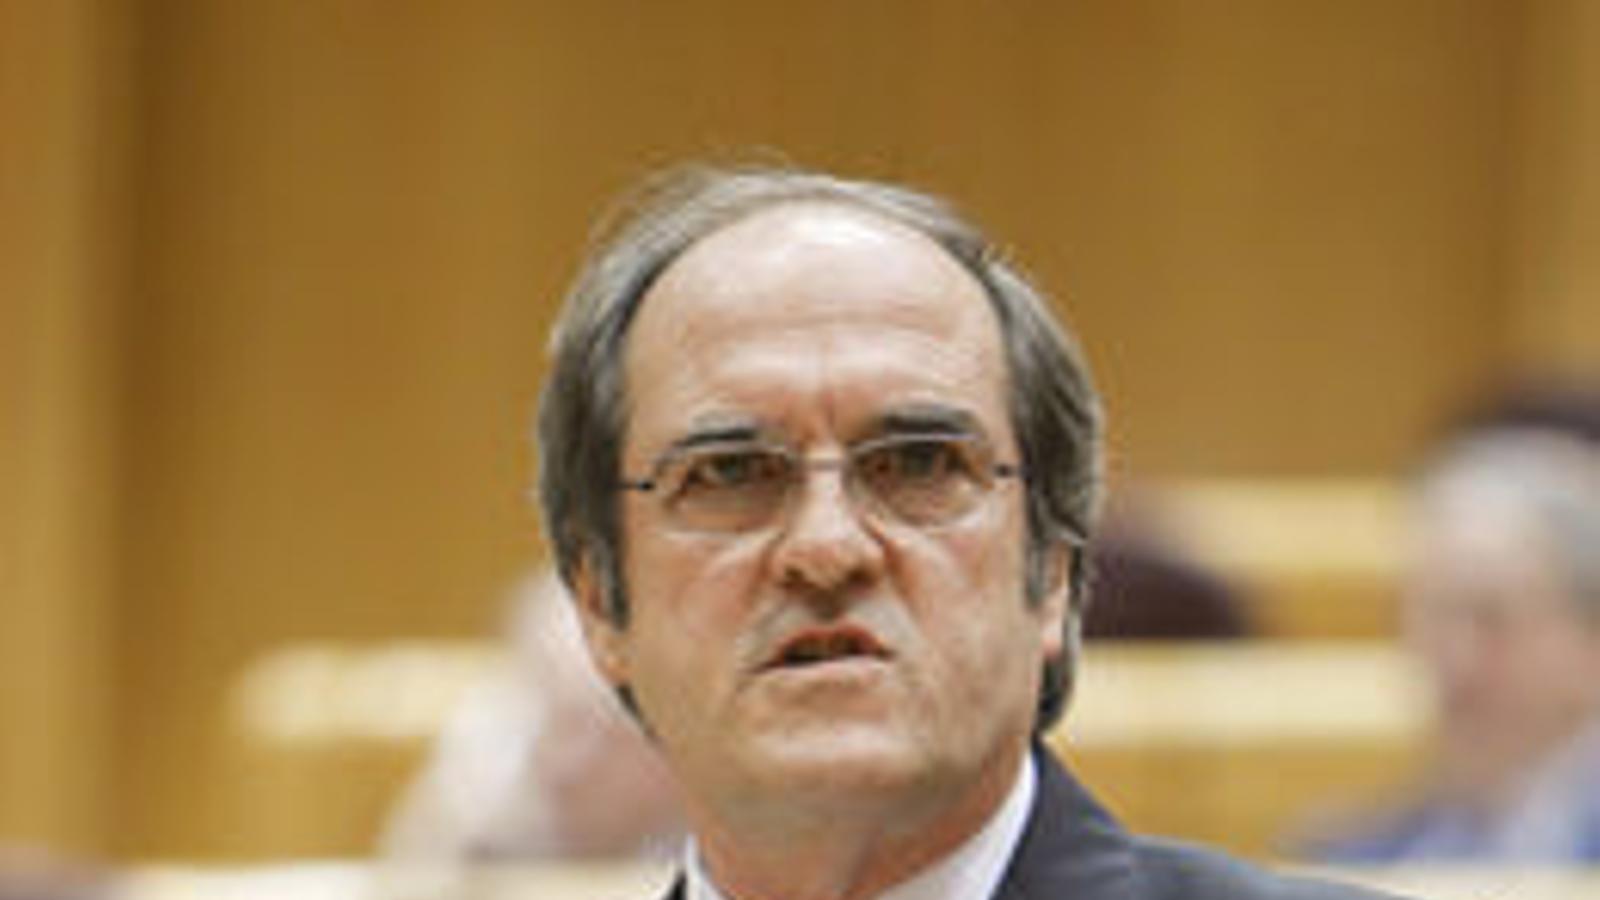 El govern exigeix la rectificació del 'Diccionario biográfico'